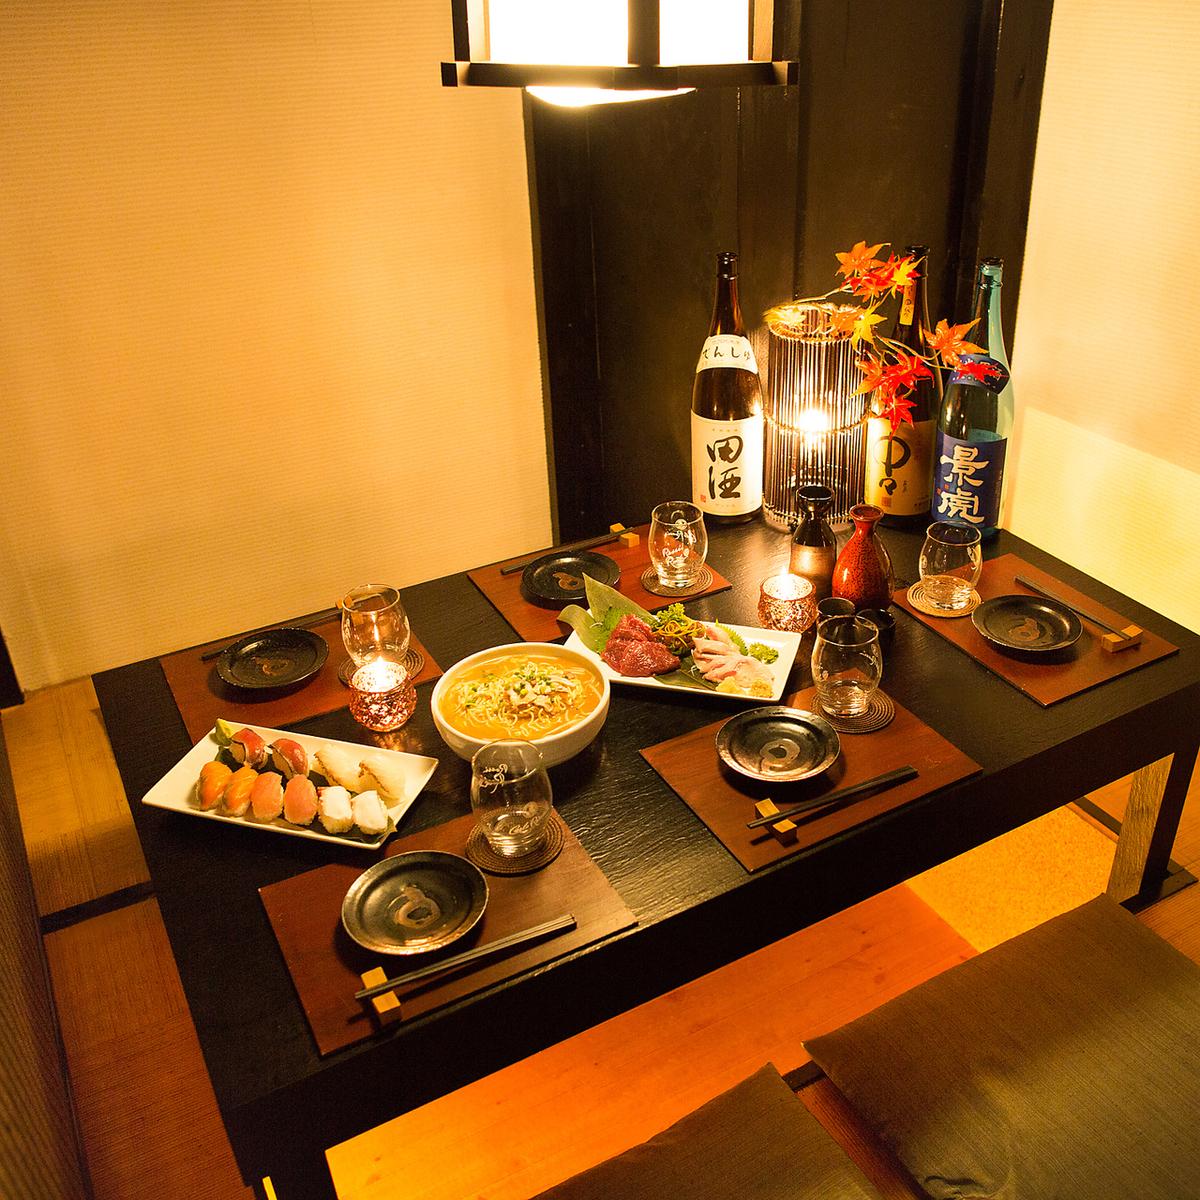 """""""完整的单人间酒吧""""新宿秋季樱桃·妇女的流行饮食计划♪所有你可以吃的涮涮锅所有你可以吃的计划准备★不仅有宴会计划★当然有很多种单品♪我们准备♪情侣和招待客人◎«新宿东出口完整的私人房间娱乐派对»"""